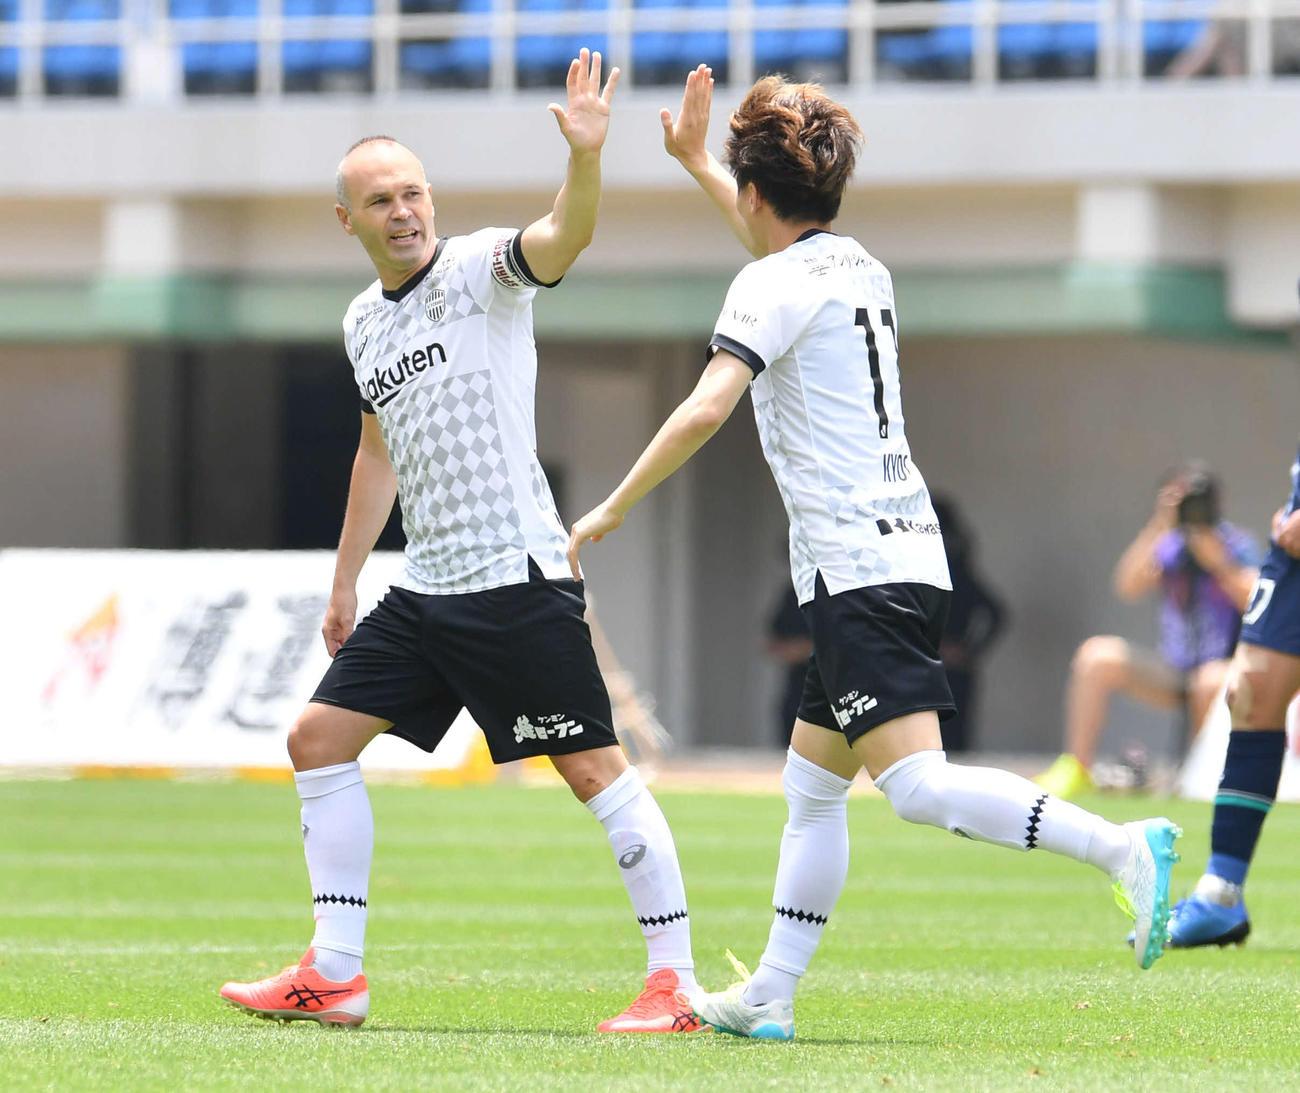 福岡対神戸 前半、先制ゴールを決めた神戸・古橋(右)とタッチを交わすイニエスタ(撮影・岩下翔太)